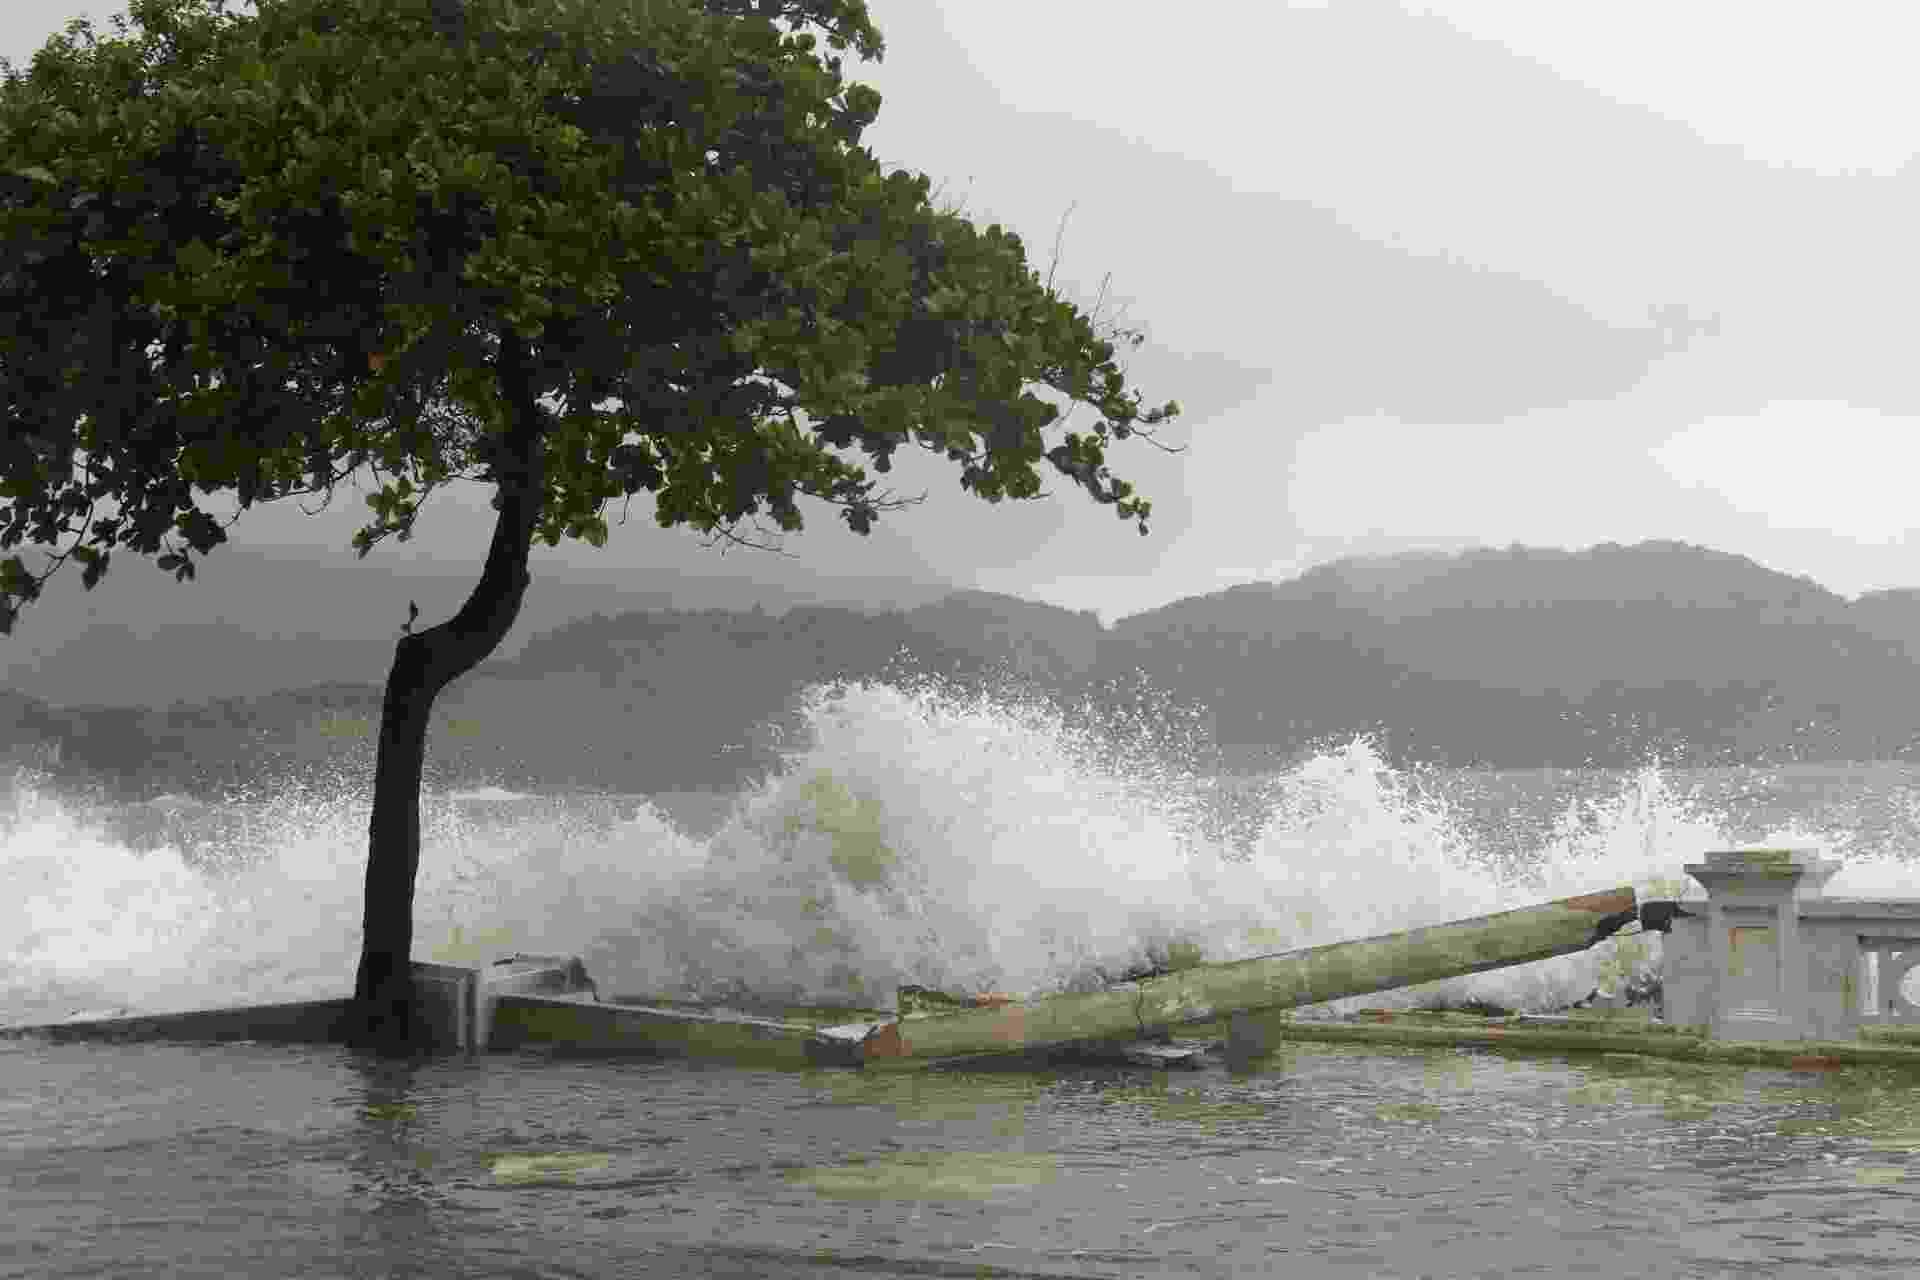 27.abr.2016 - Onda derruba mureta e invade calçadão na Ponta da Praia, em Santos. A frente fria que chegou no Estado de São Paulo provocou ressaca no mar, com ondas de até 3,15 metros, além de chuva e queda das temperaturas. O Porto de Santos precisou ser fechado, e a travessia de balsas foi interrompida - undefined